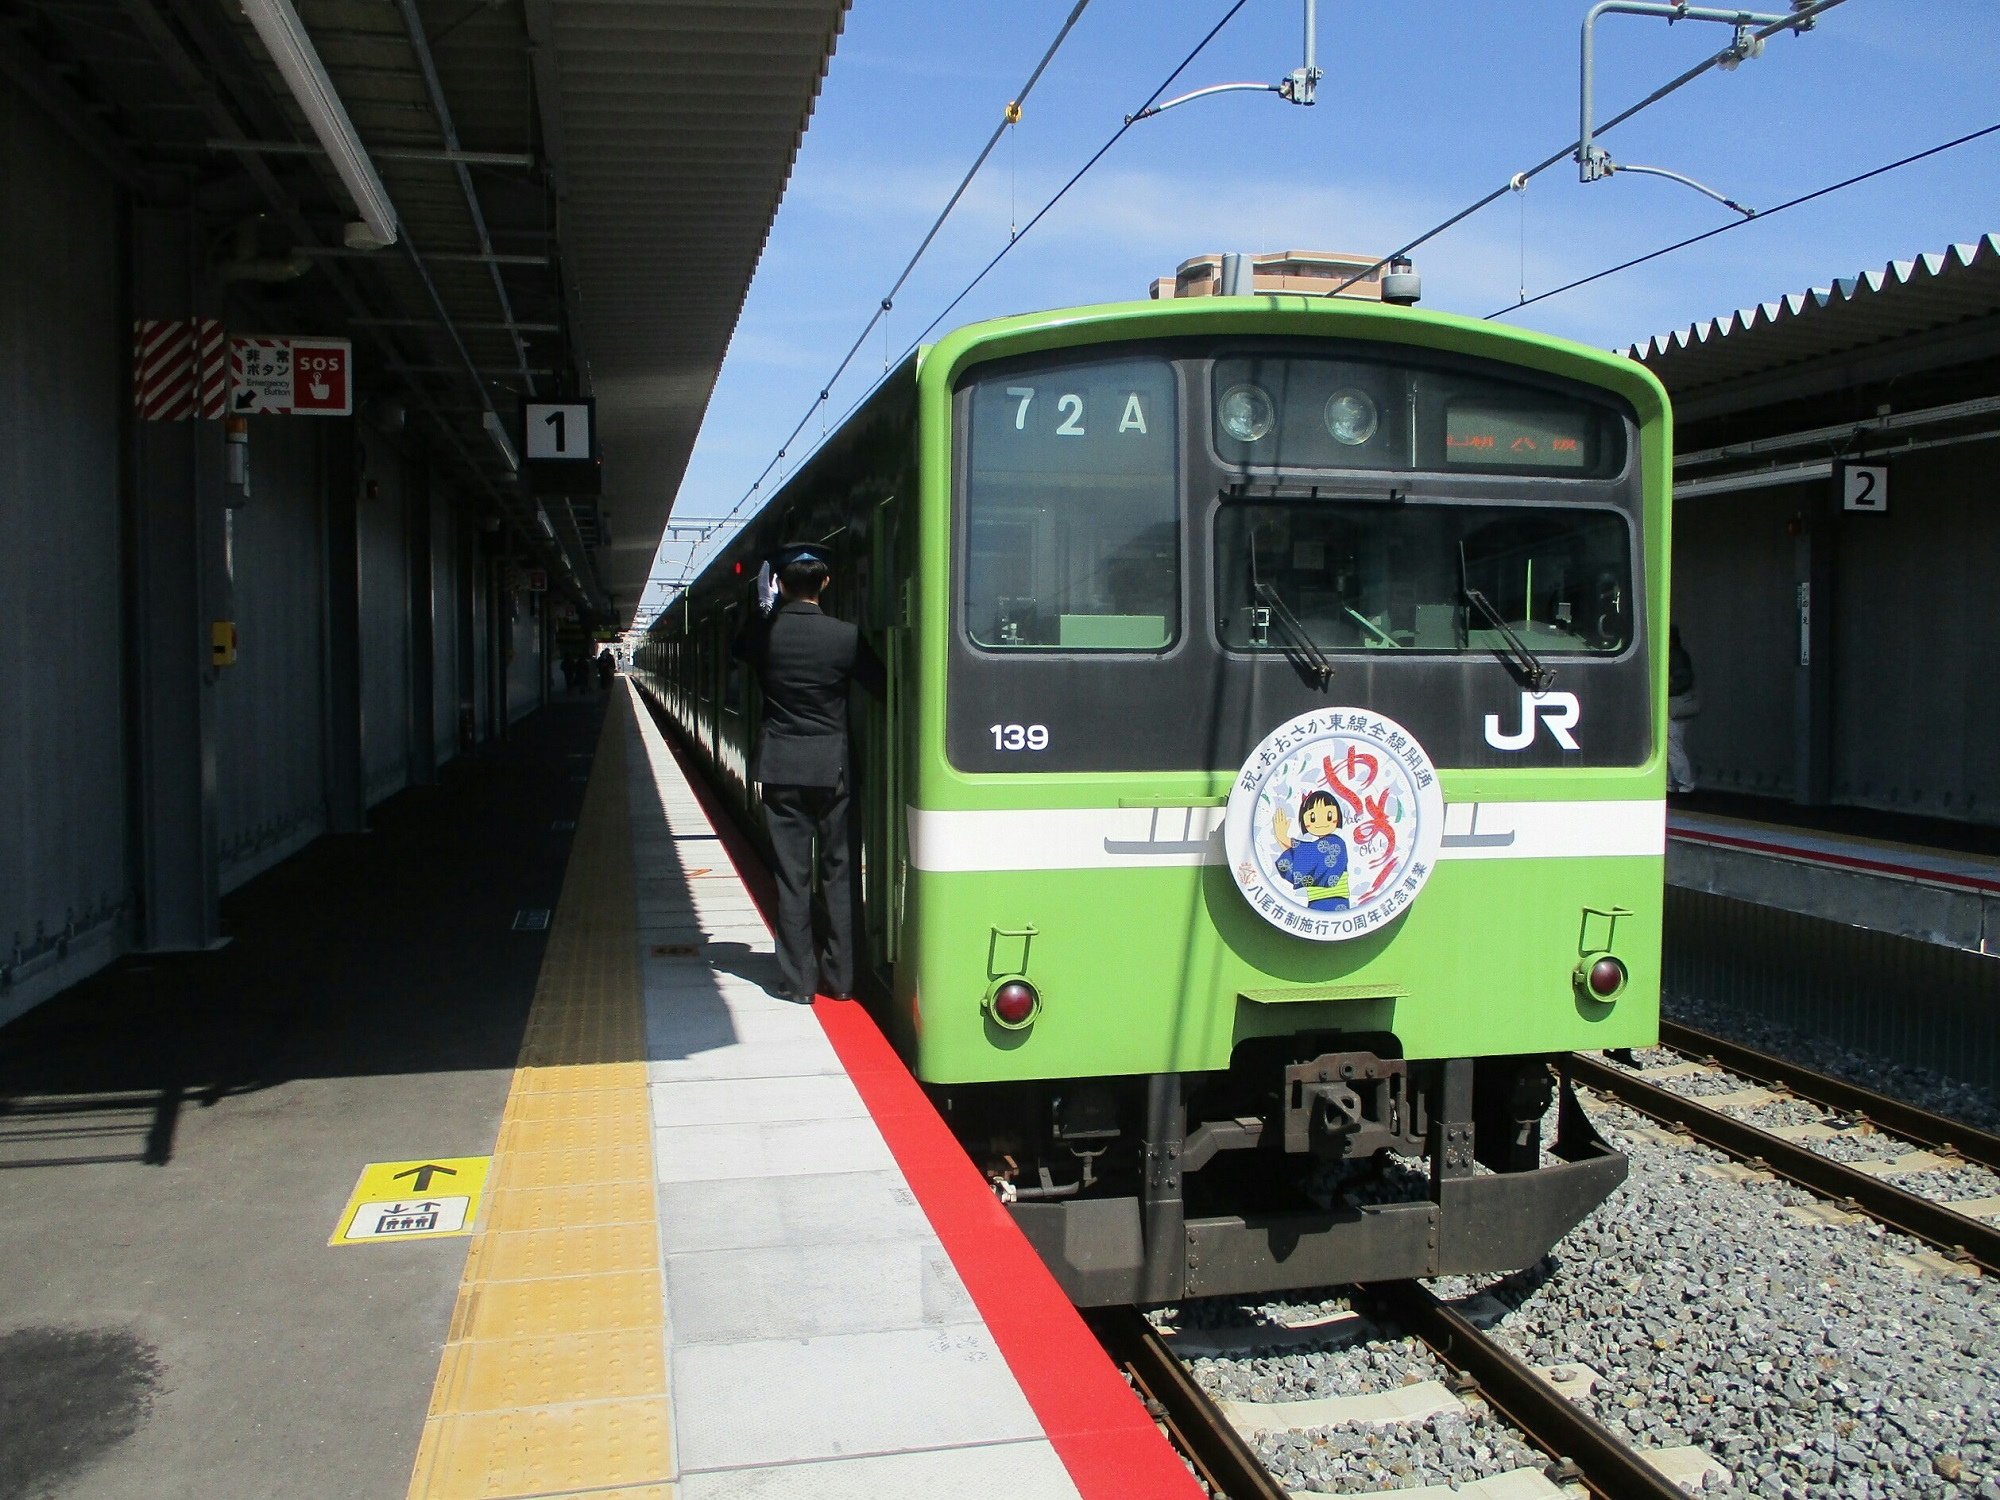 2019.3.18 (164) JR野江 - 新大阪いきふつう(うしろすがた) 2000-1500